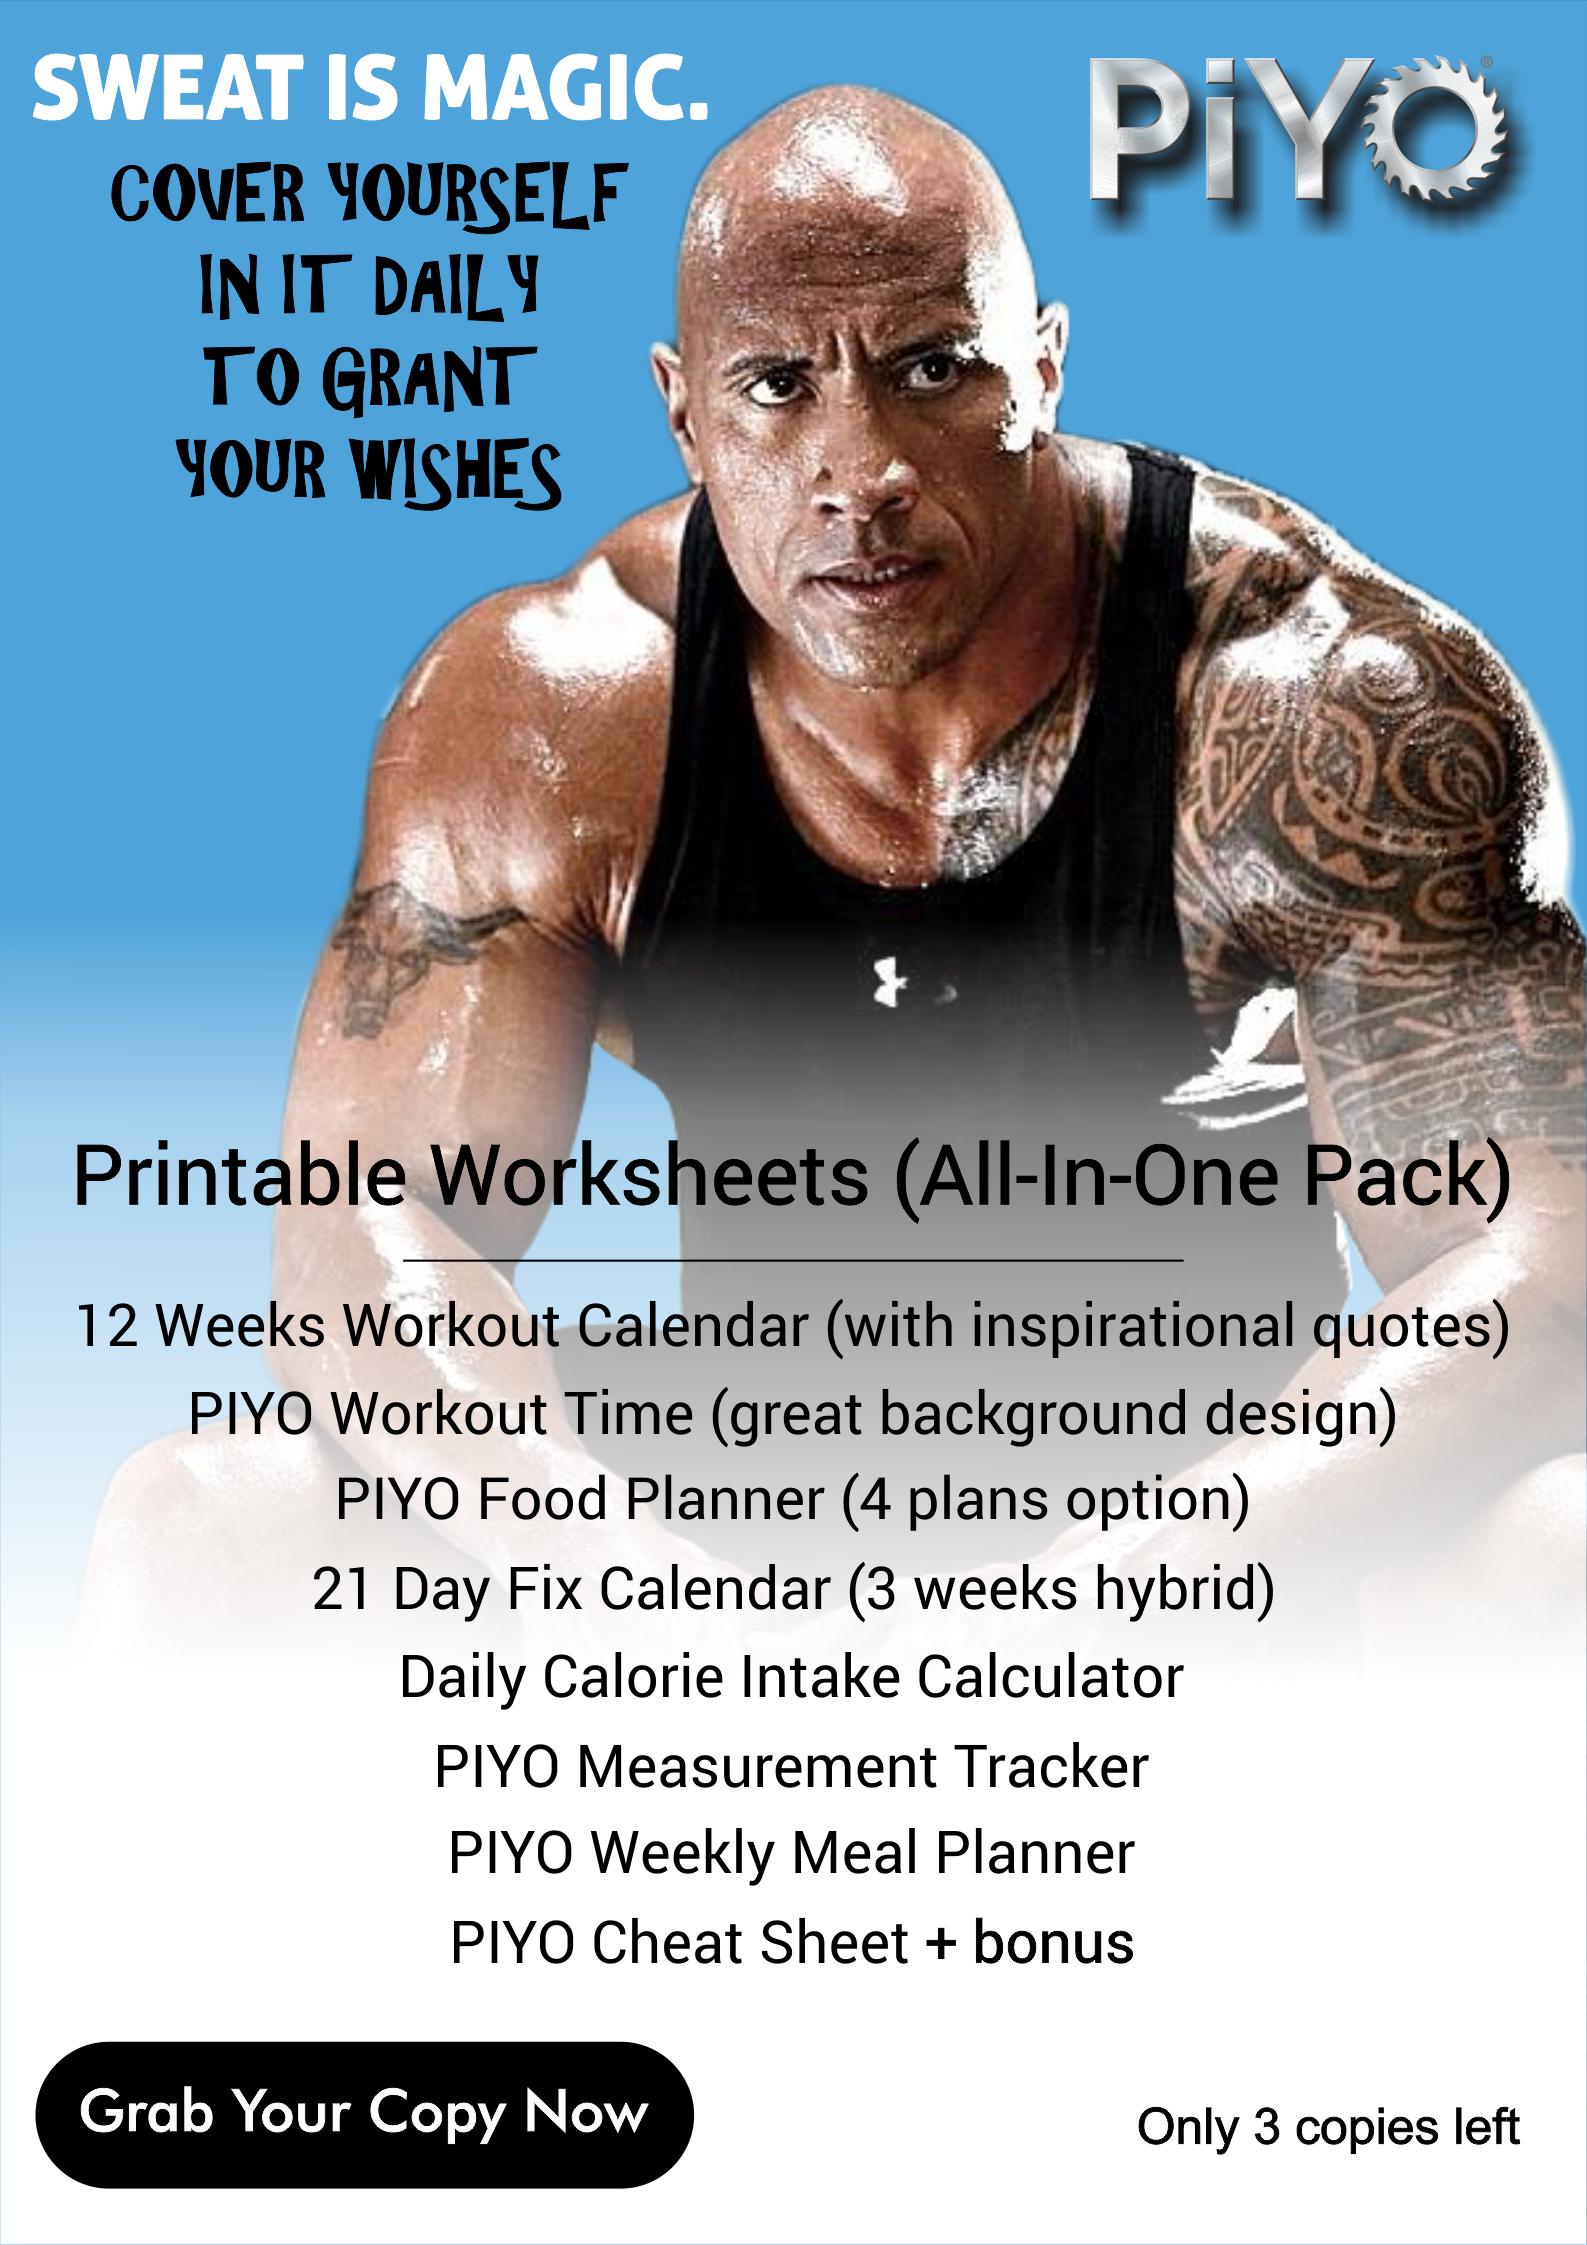 Piyo Workout Schedule